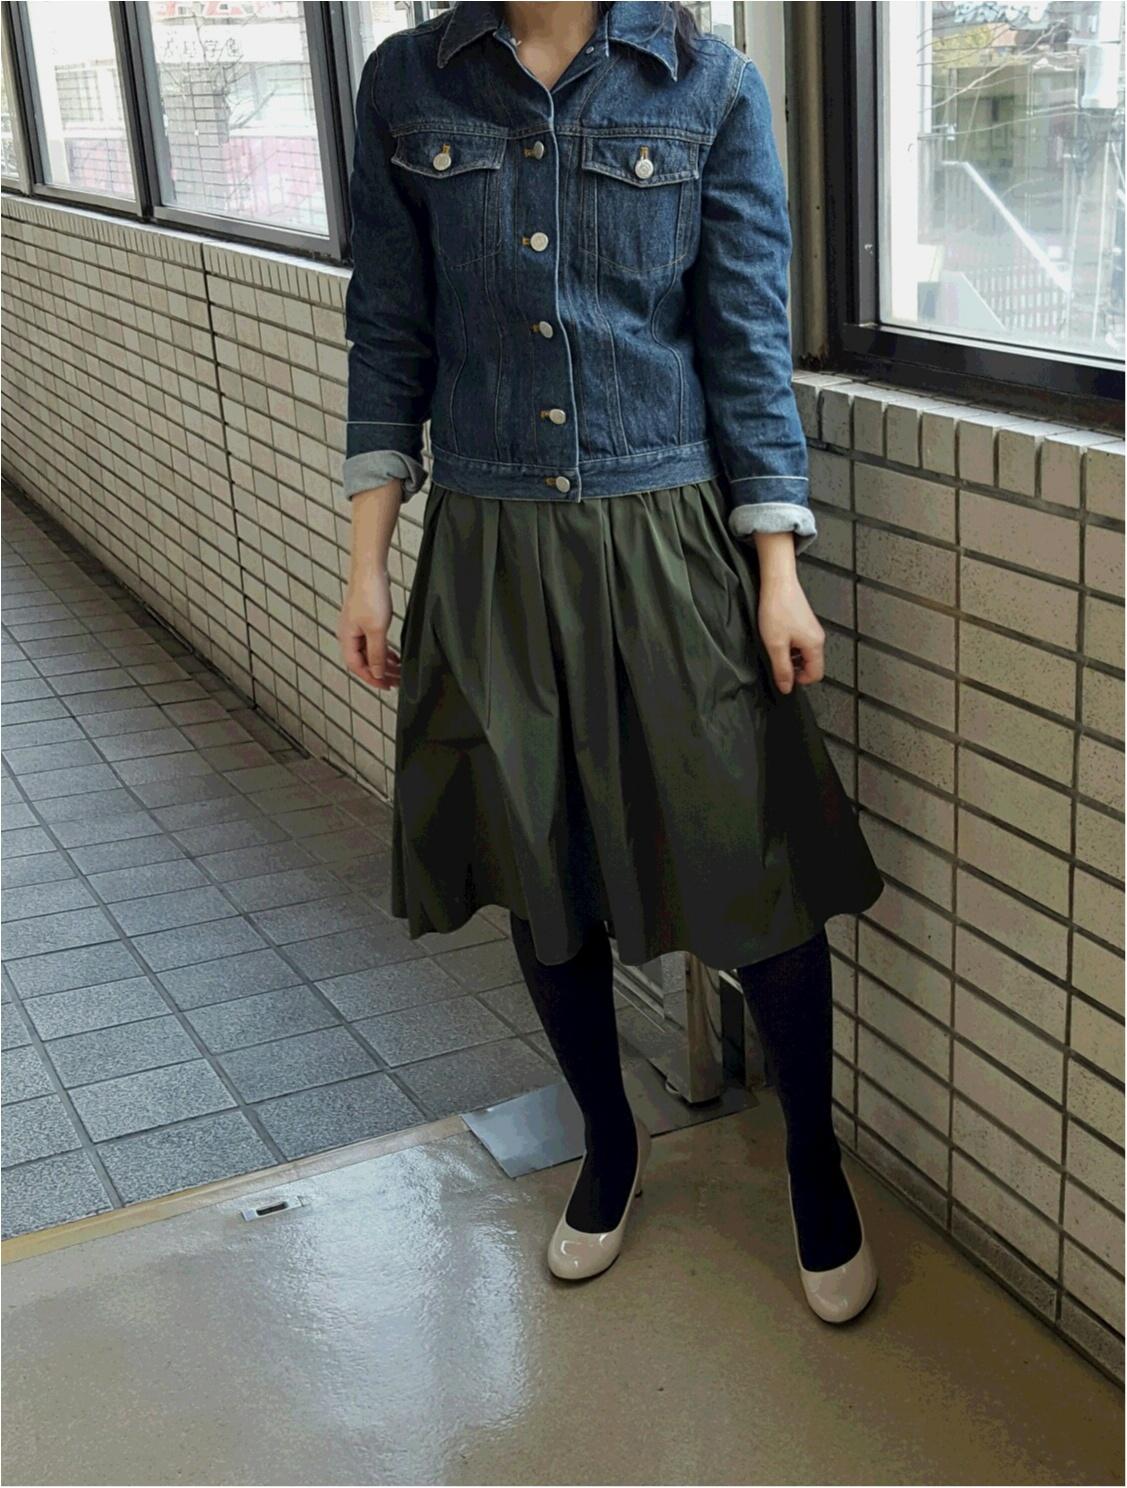 わたしが選んだ新しい春服 お仕事&休日コーデ まとめて紹介☆_1